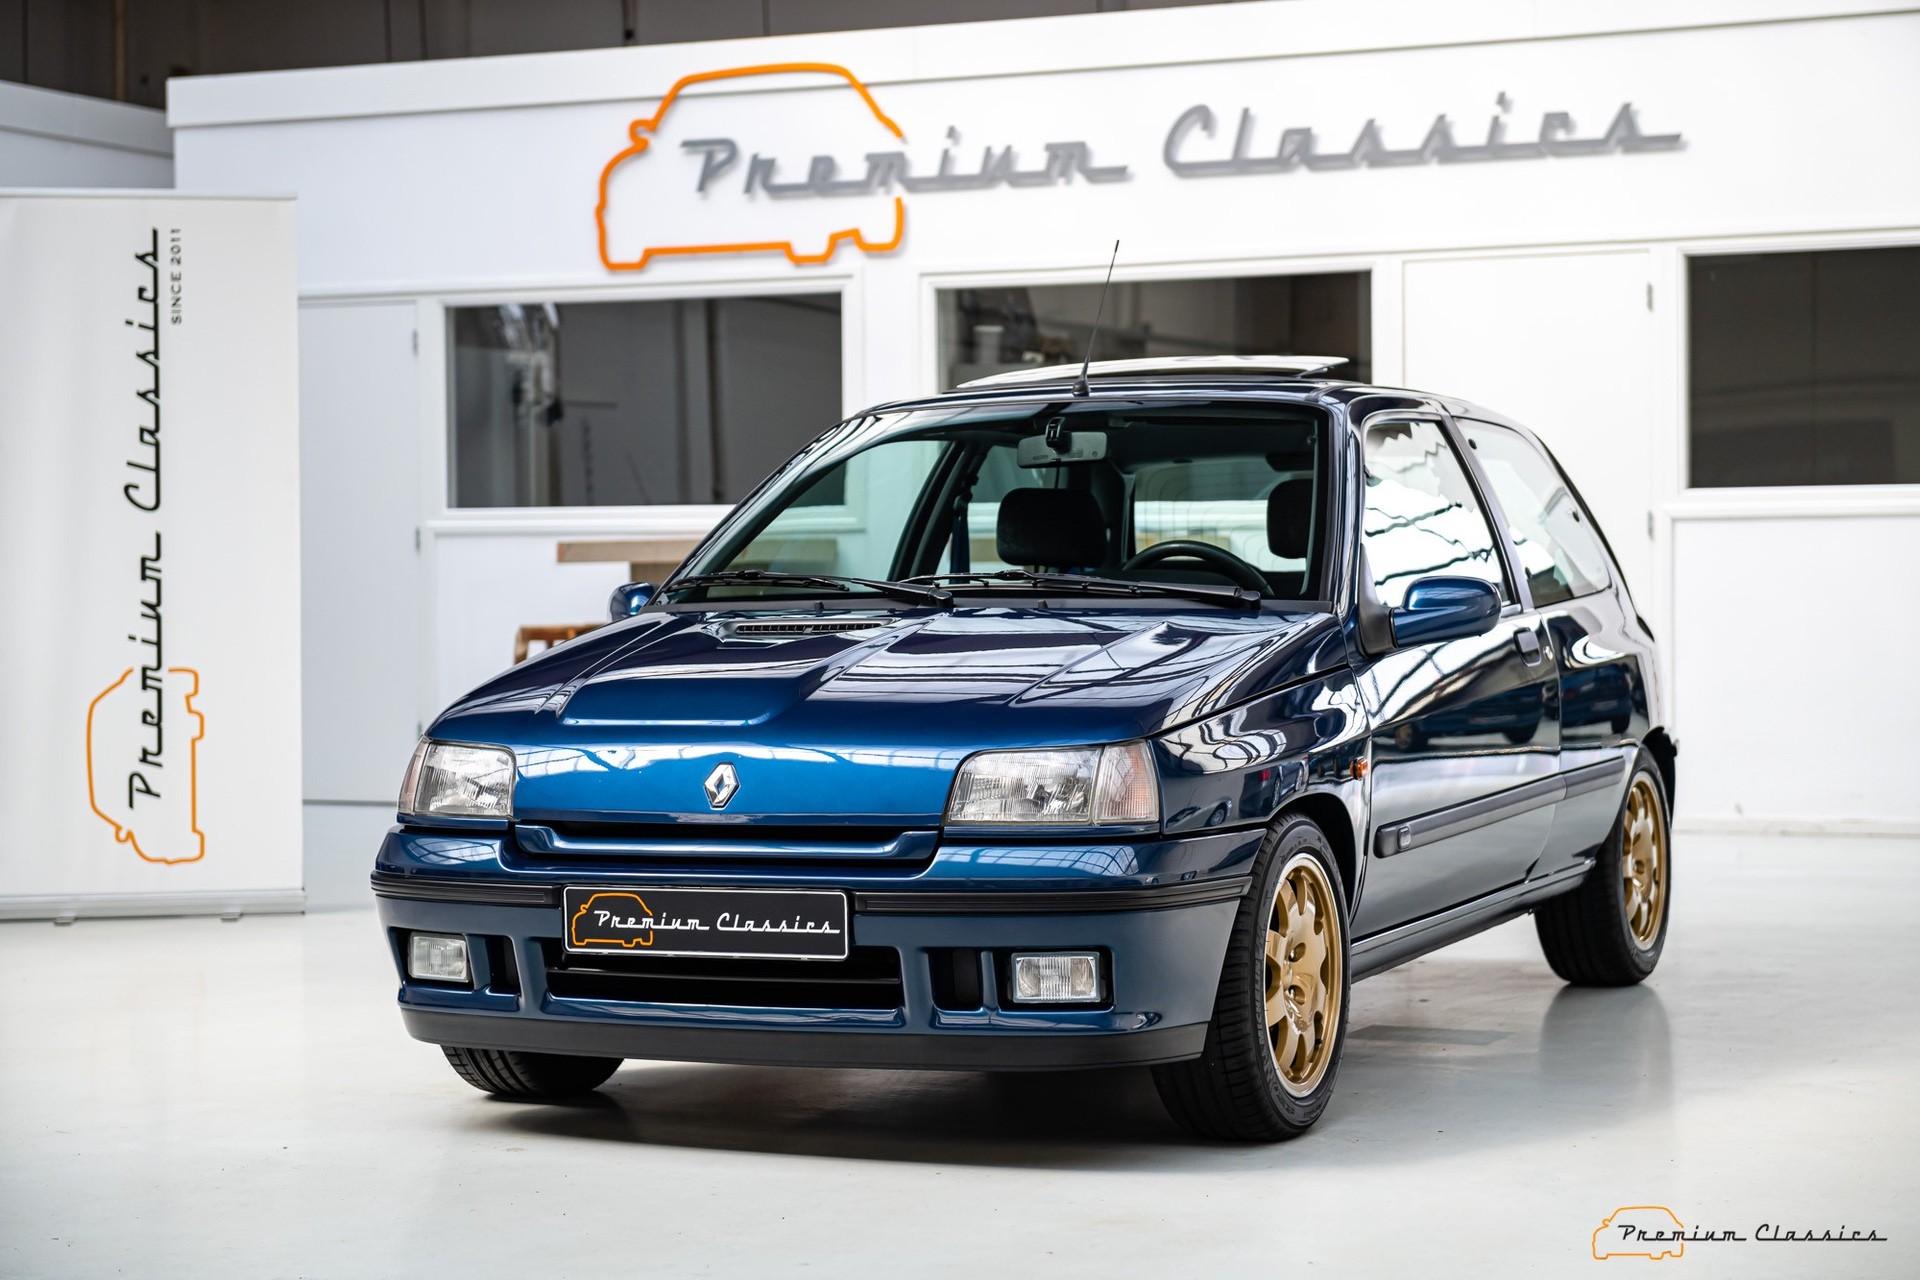 Renault_Clio_Williams_sale-0000